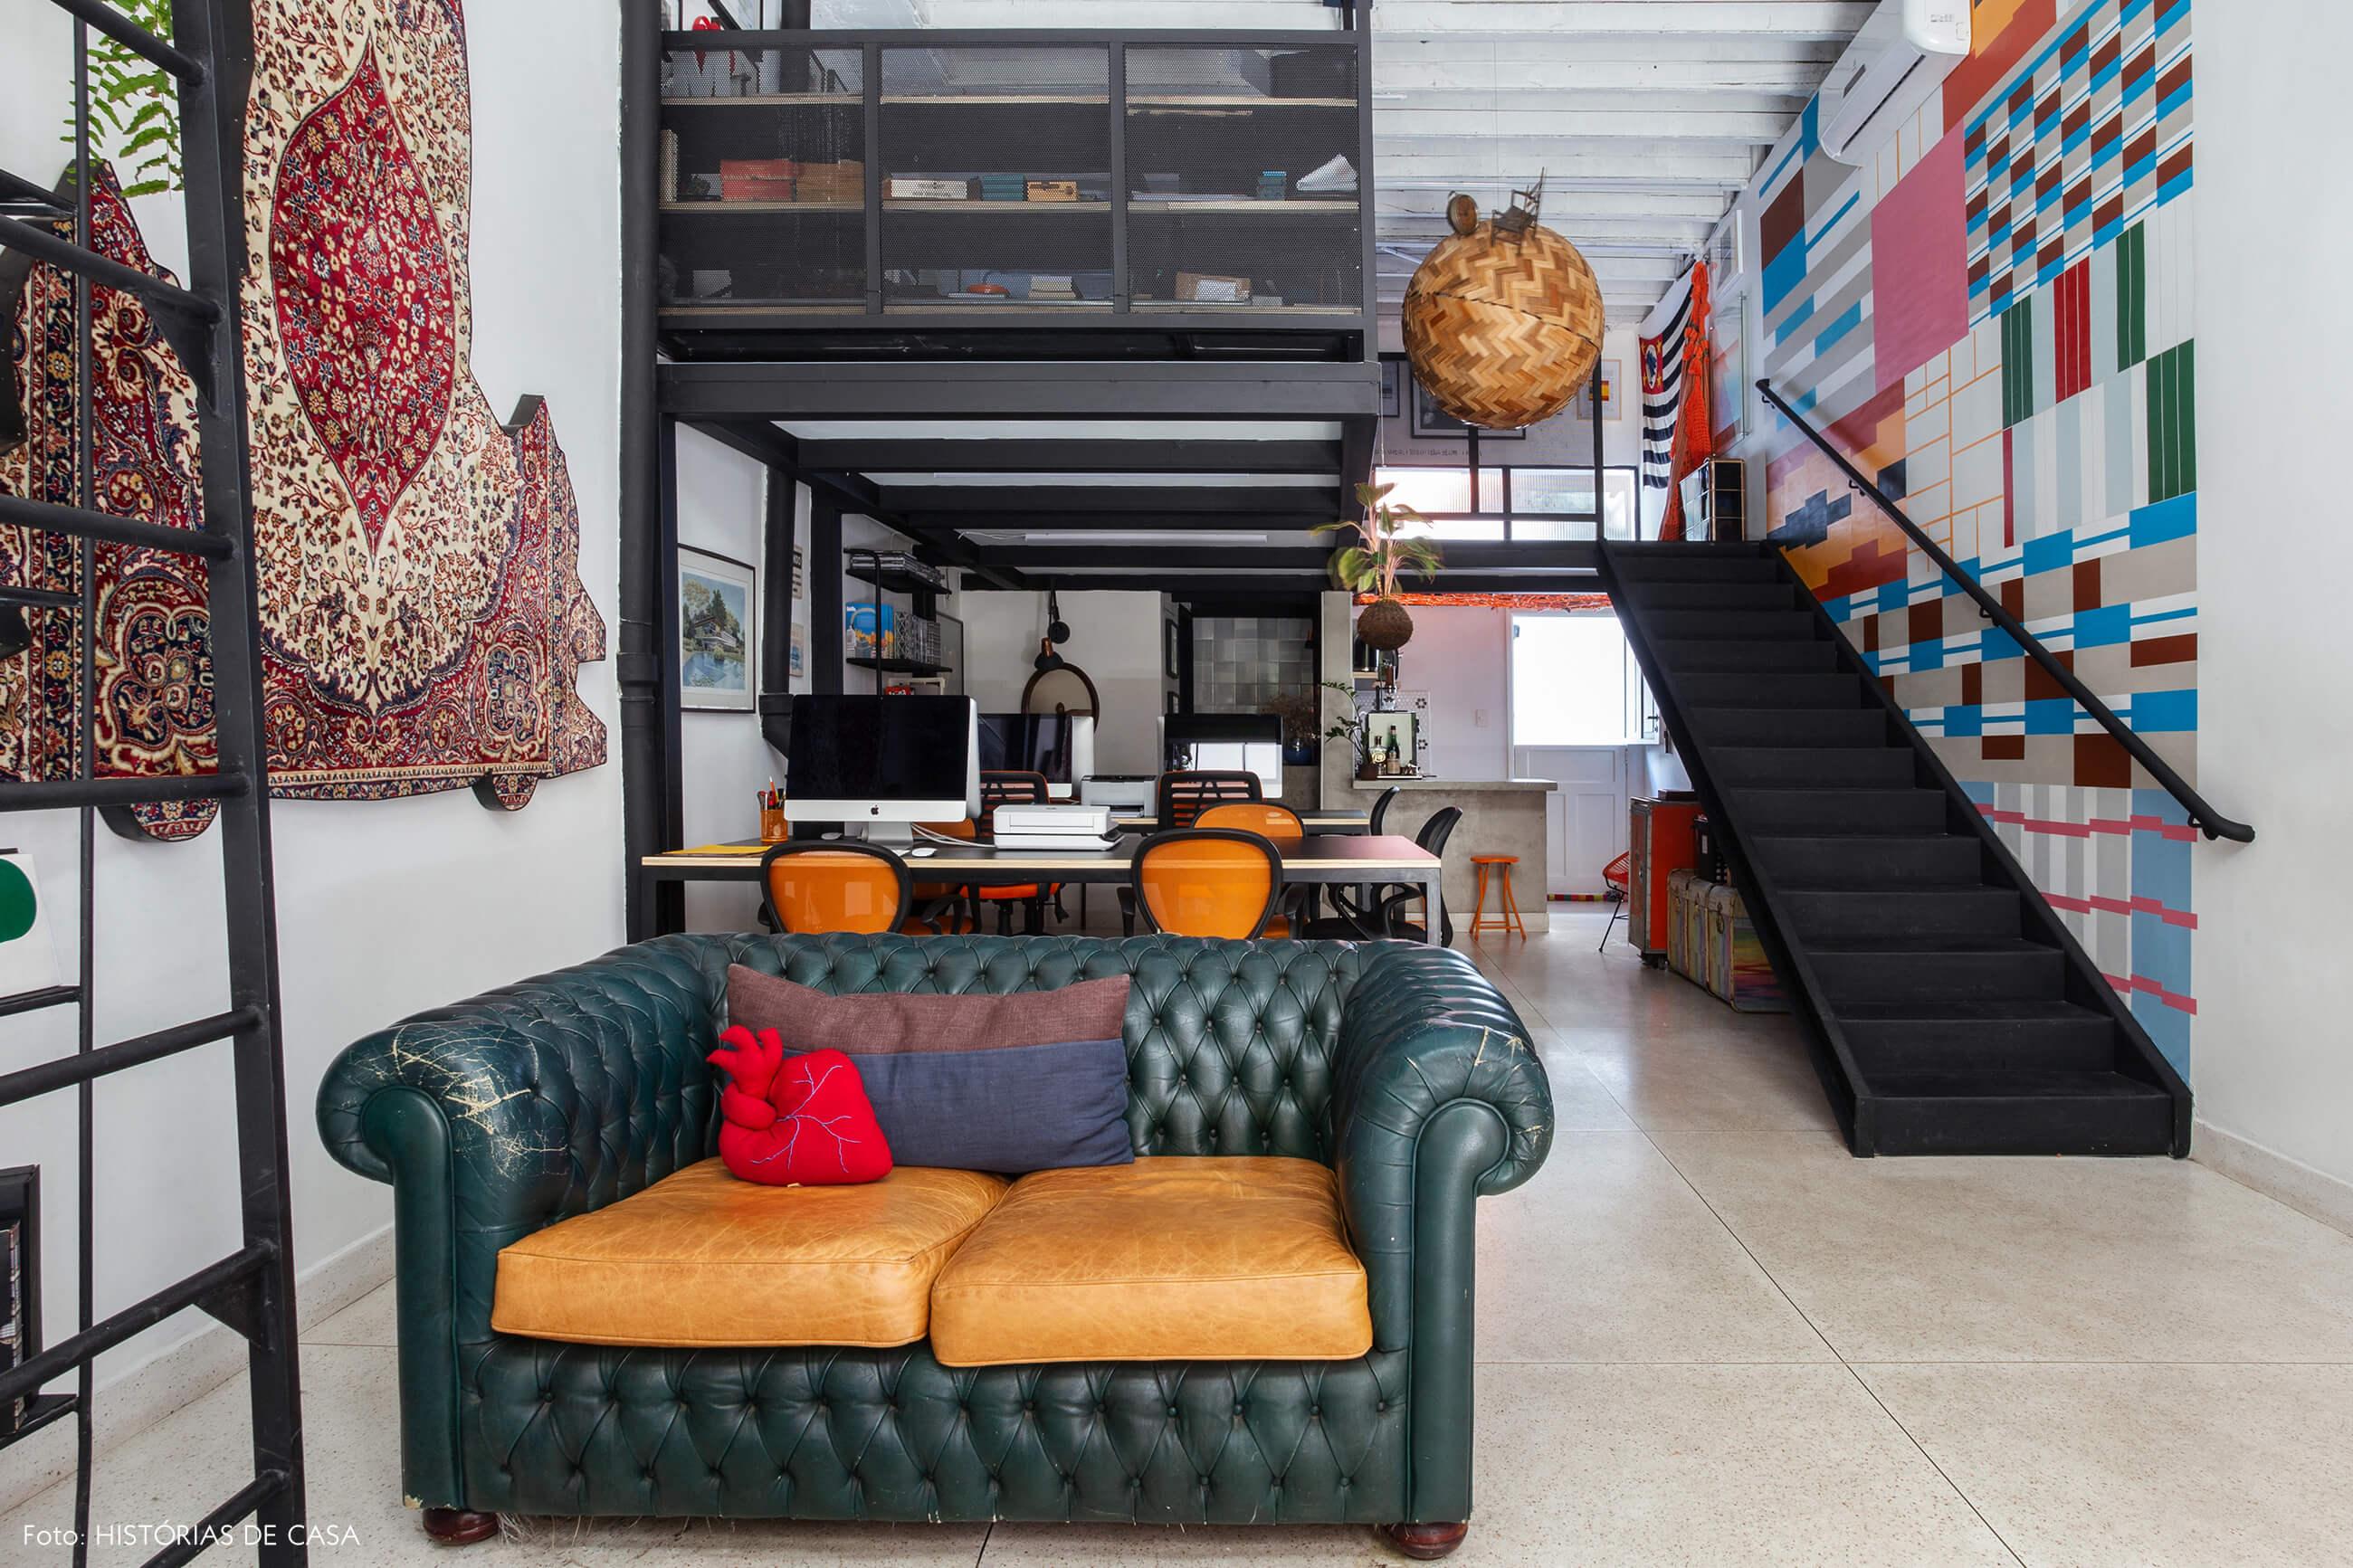 Novo escritório da imobiliária Refúgios Urbanos, sofá vintage de couro e espaço com mezanino